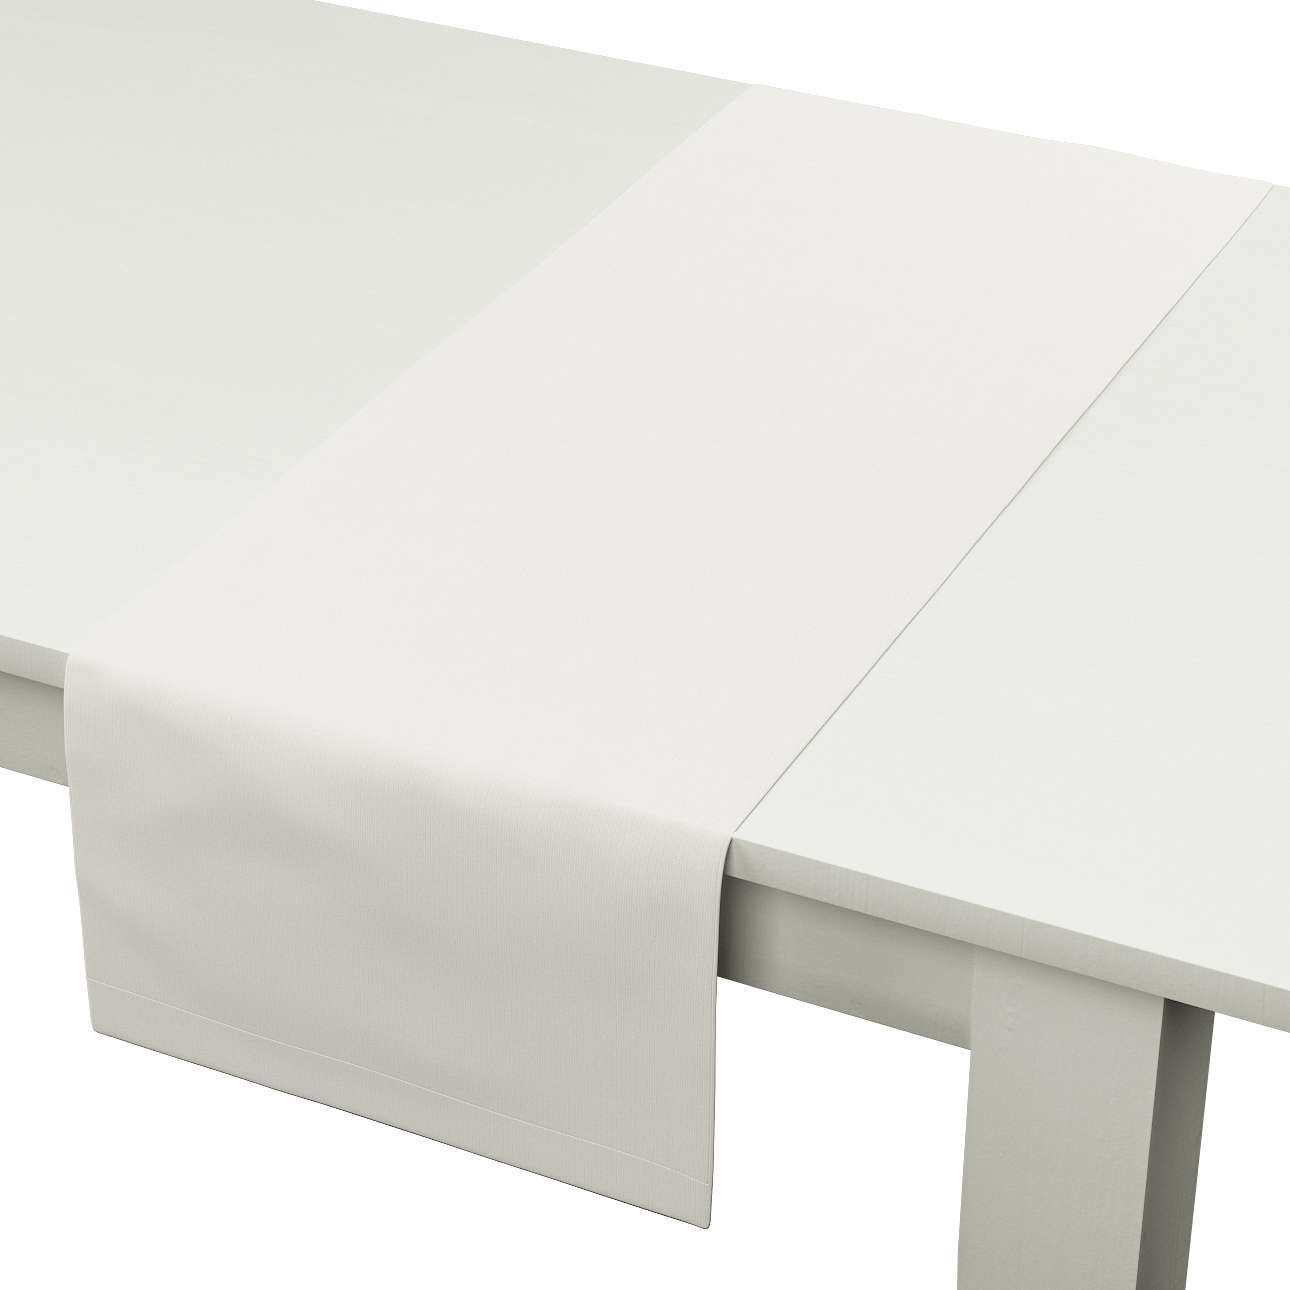 Rechteckiger Tischläufer 40 x 130 cm von der Kollektion Cotton Panama, Stoff: 702-34